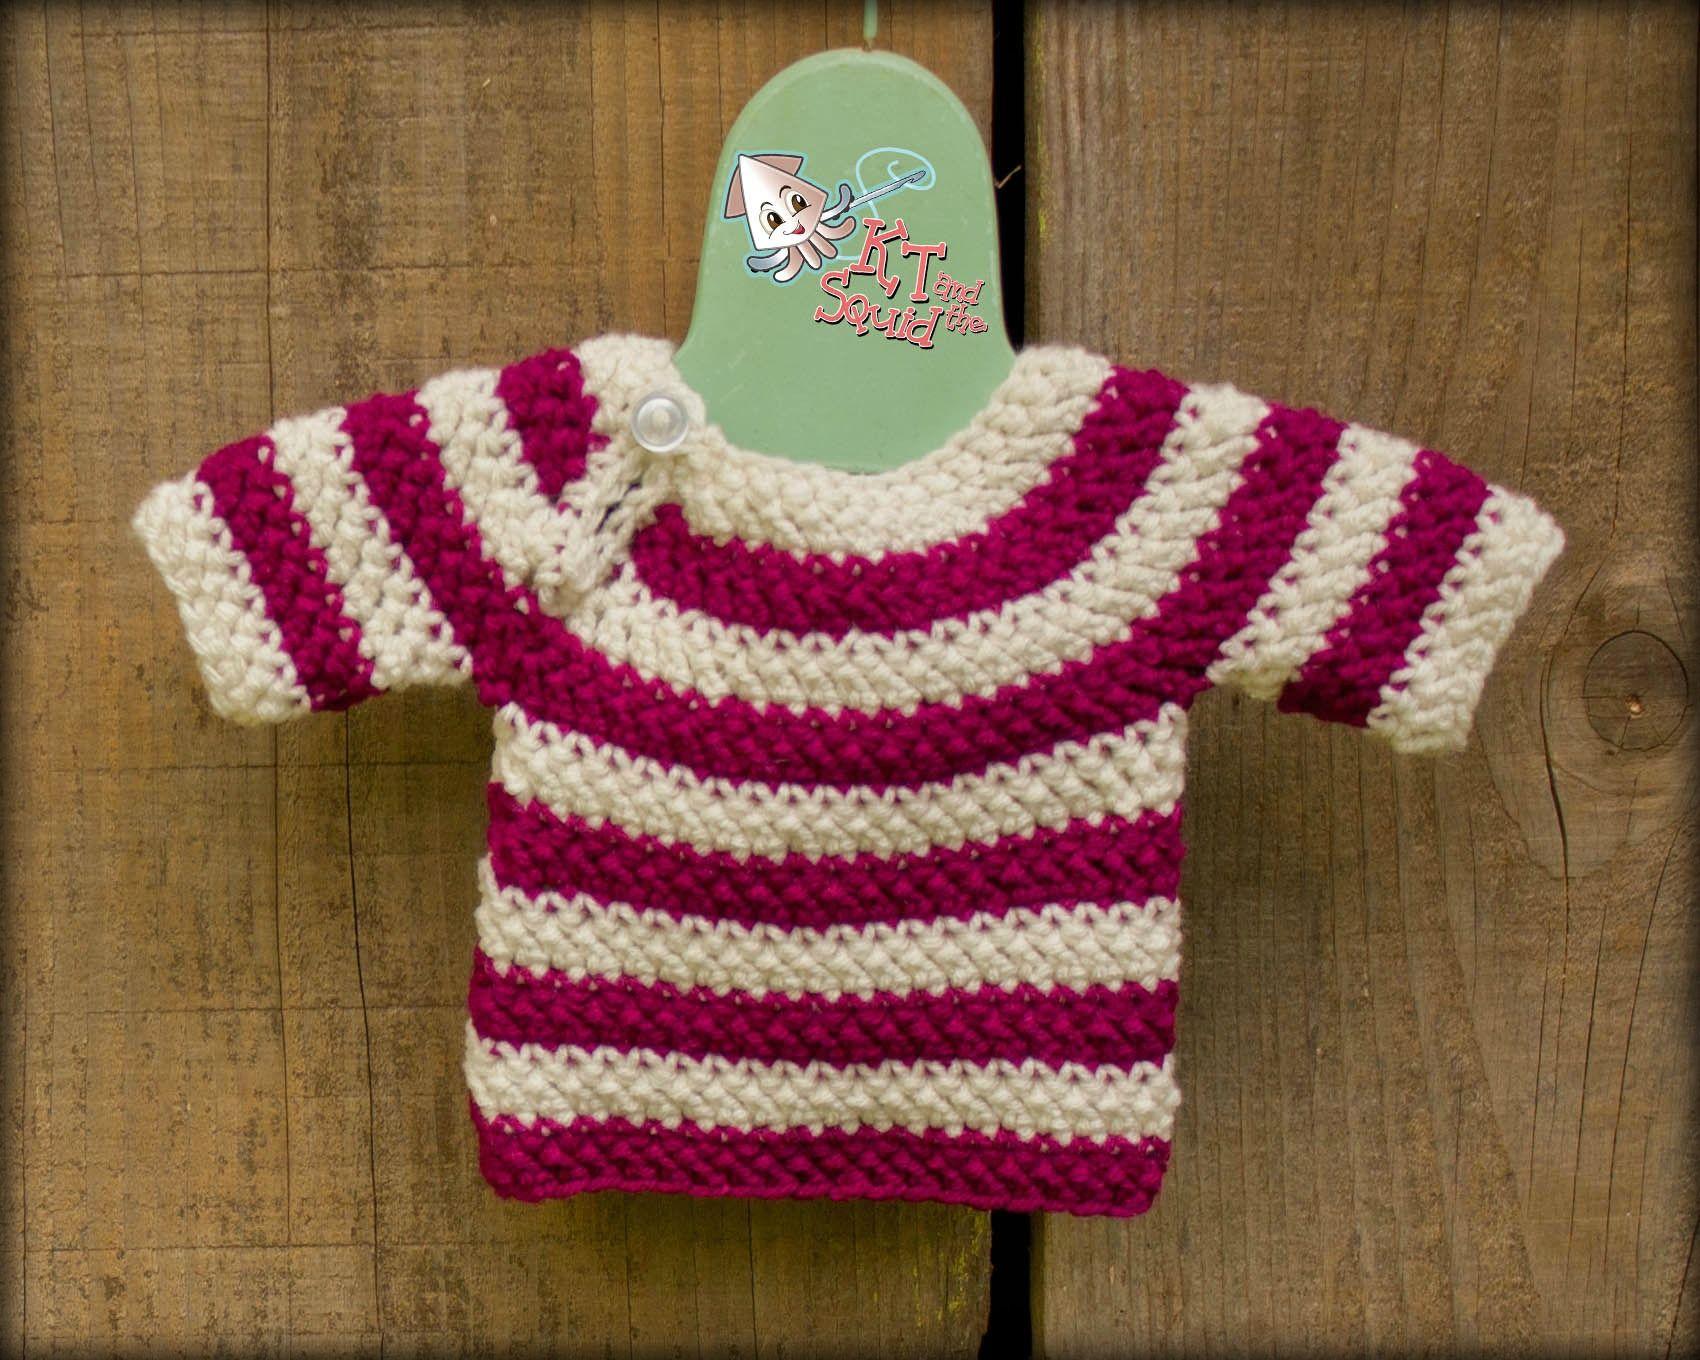 Easy Top Down Sweater Free crochet pattern   Crochet   Pinterest ...